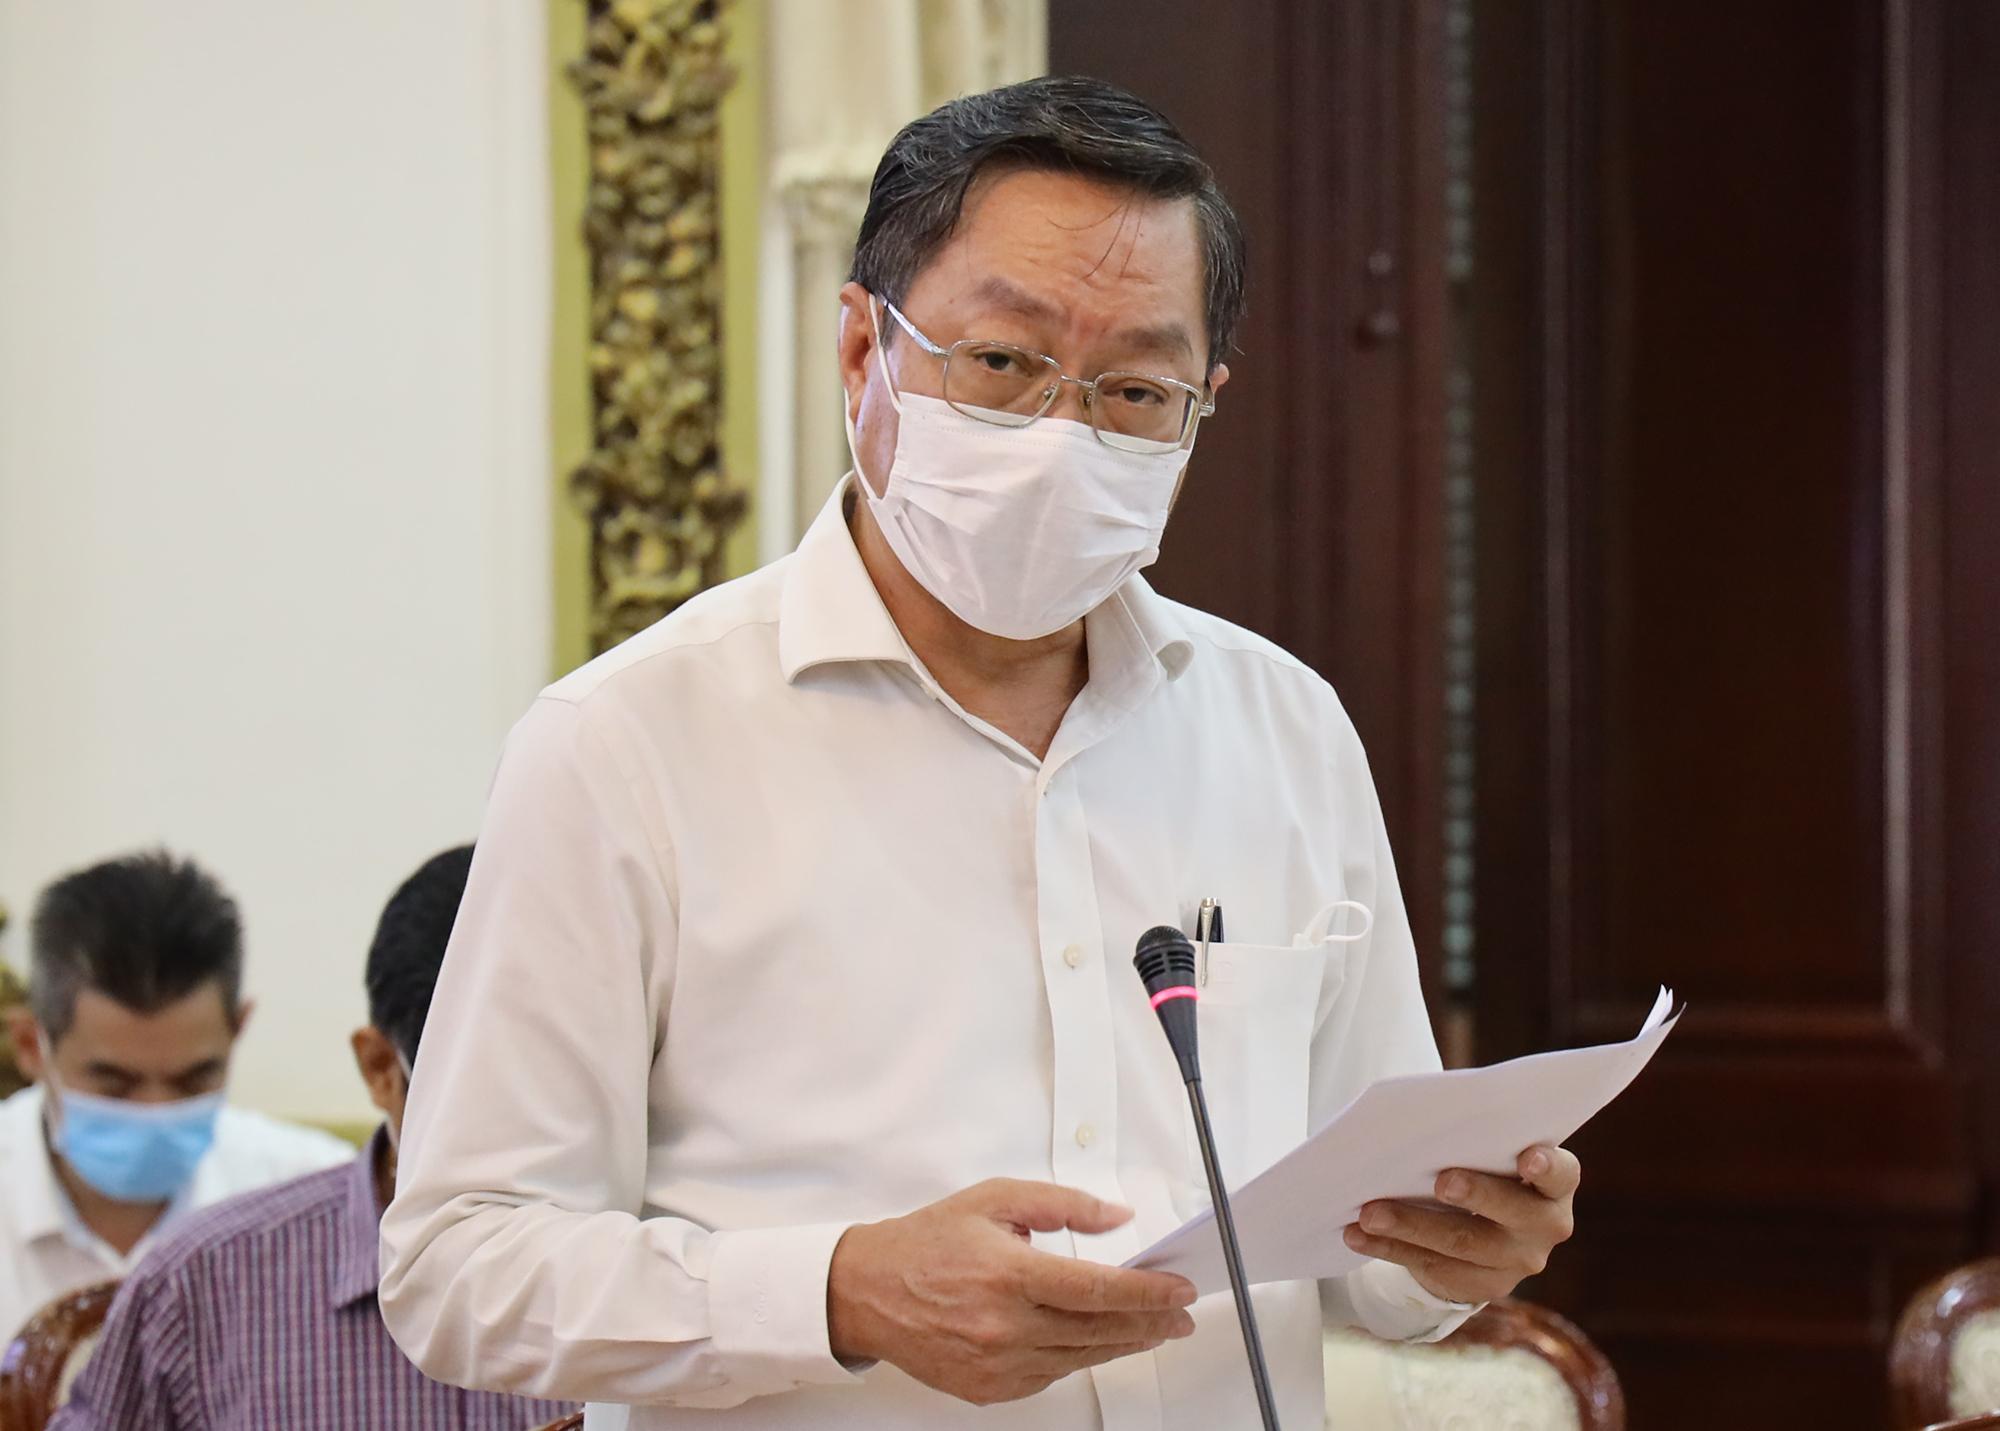 Giám đốc Sở Y tế TP HCM Nguyễn Tấn Bỉnh báo cáo tại cuộc họp. Ảnh: Trung tâm Báo chí TP HCM.